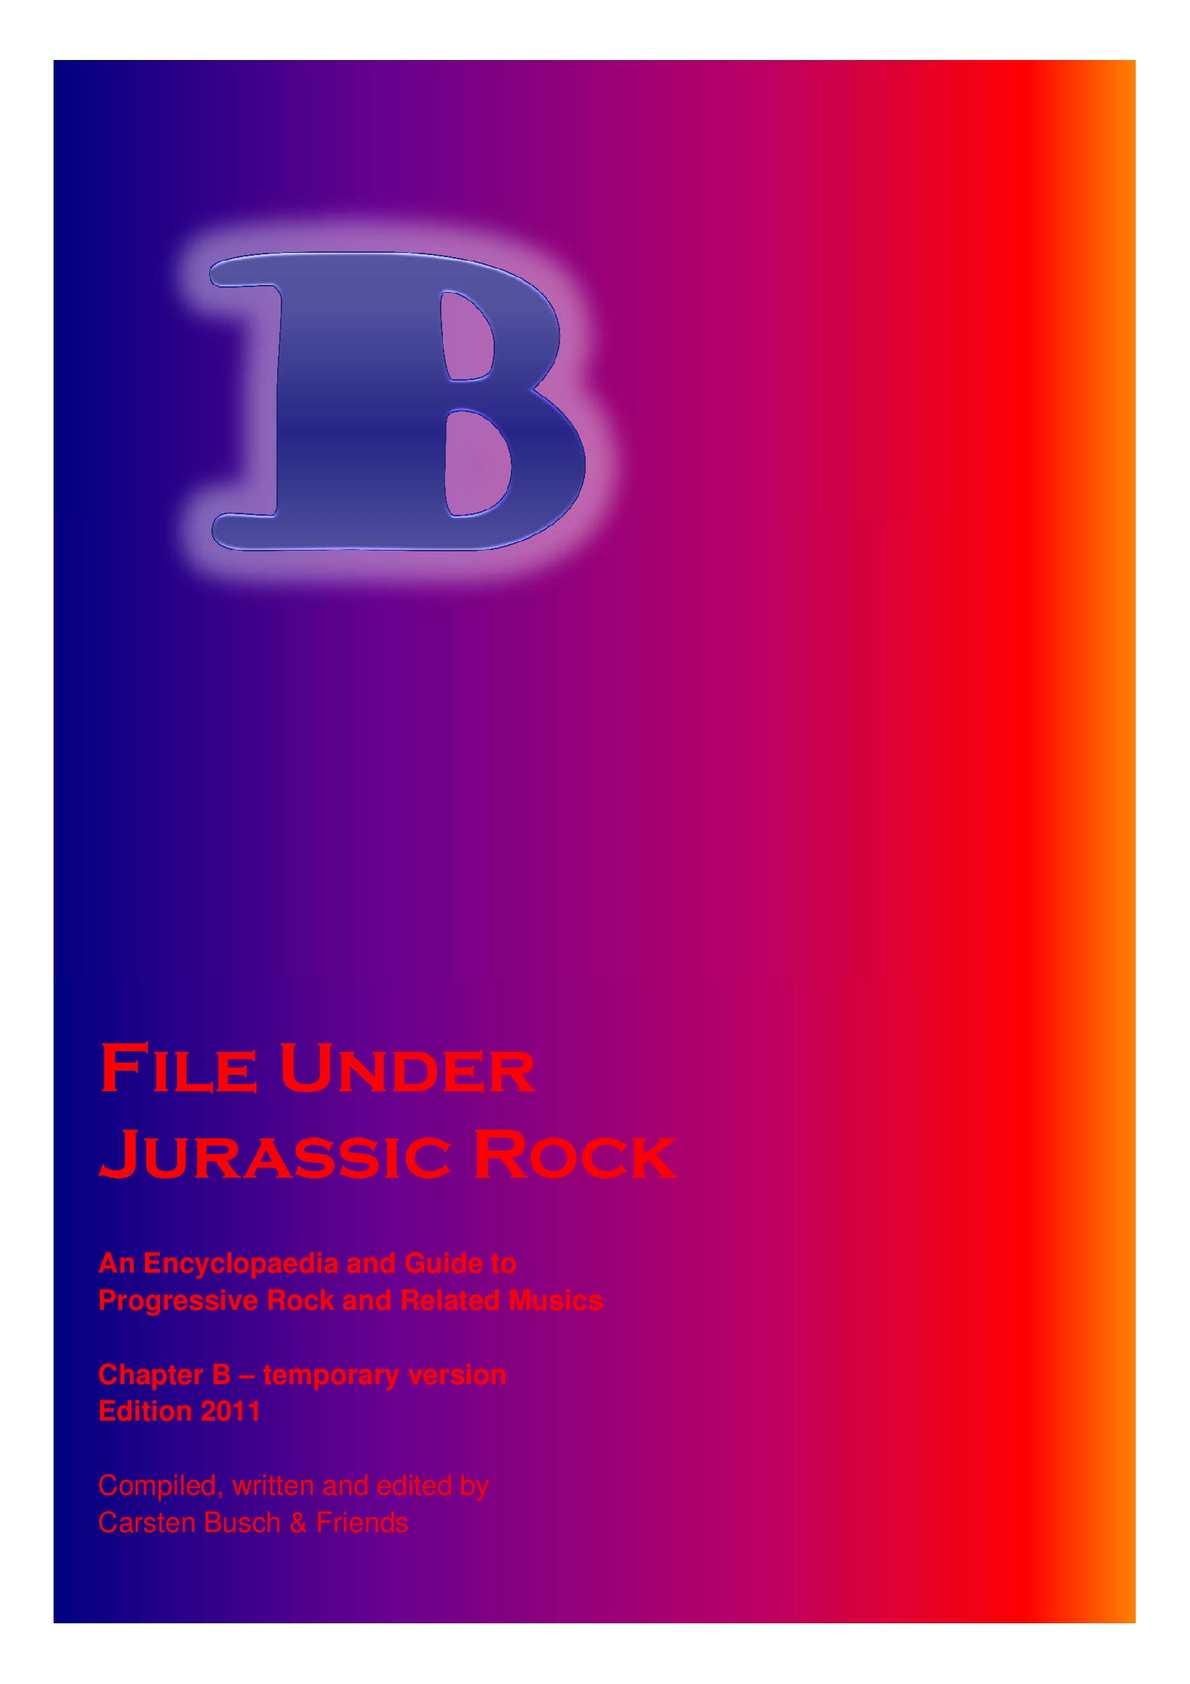 da7a3b263c Calaméo - File Under Jurassic Rock - B temporary (2011)